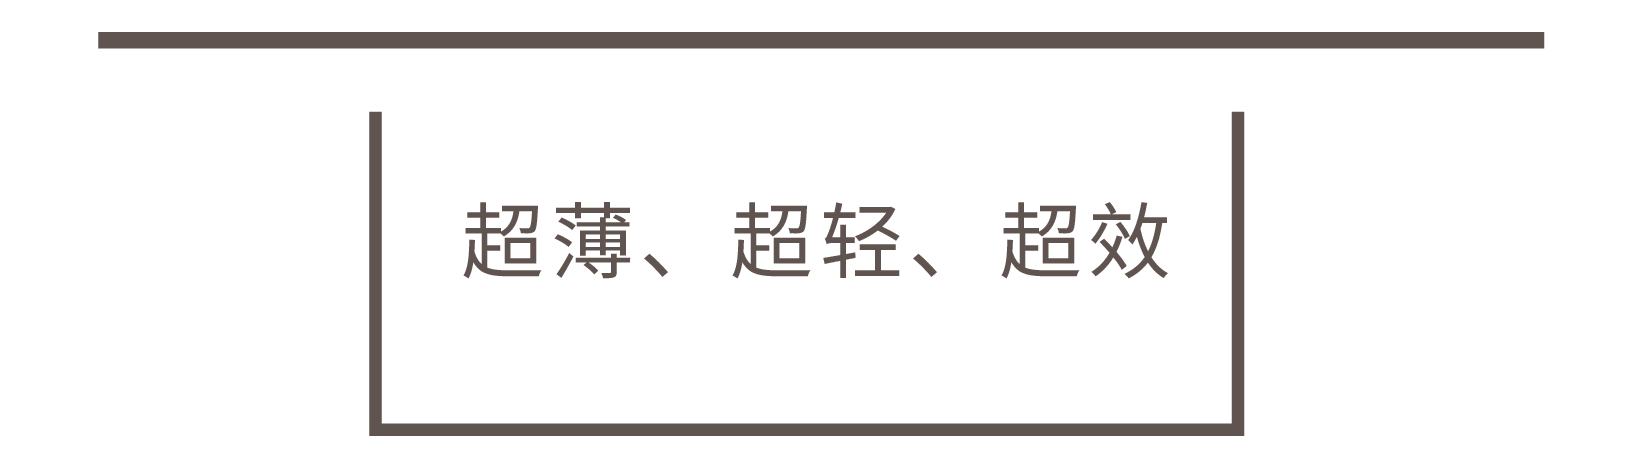 �a品banner�O�-18